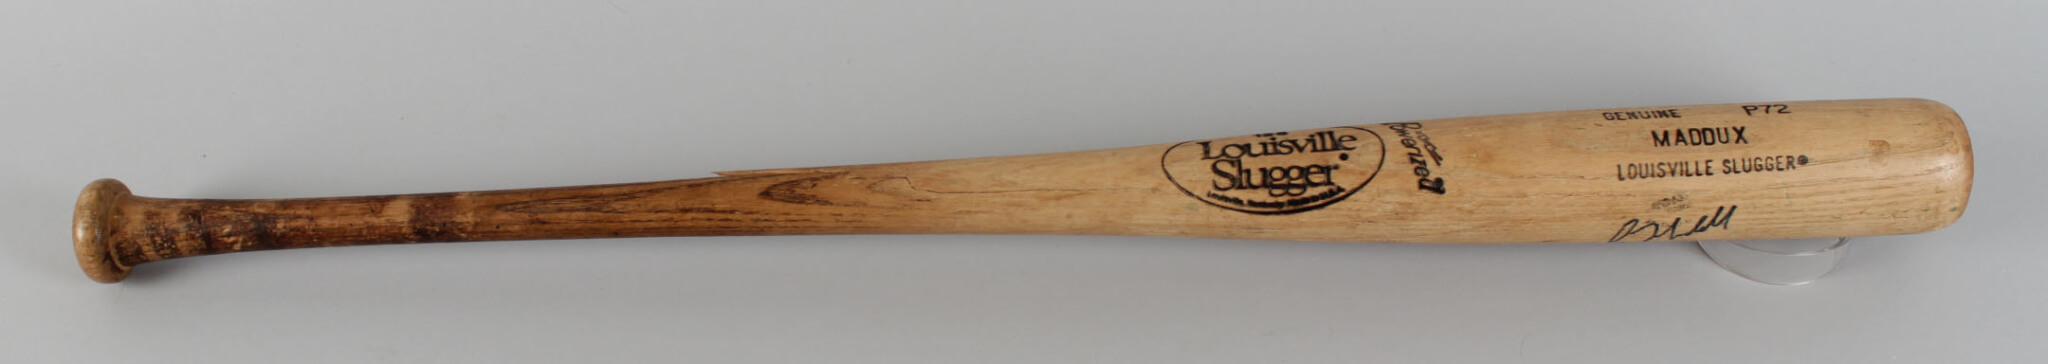 Greg Maddux Signed Bat Cubs - COA JSA